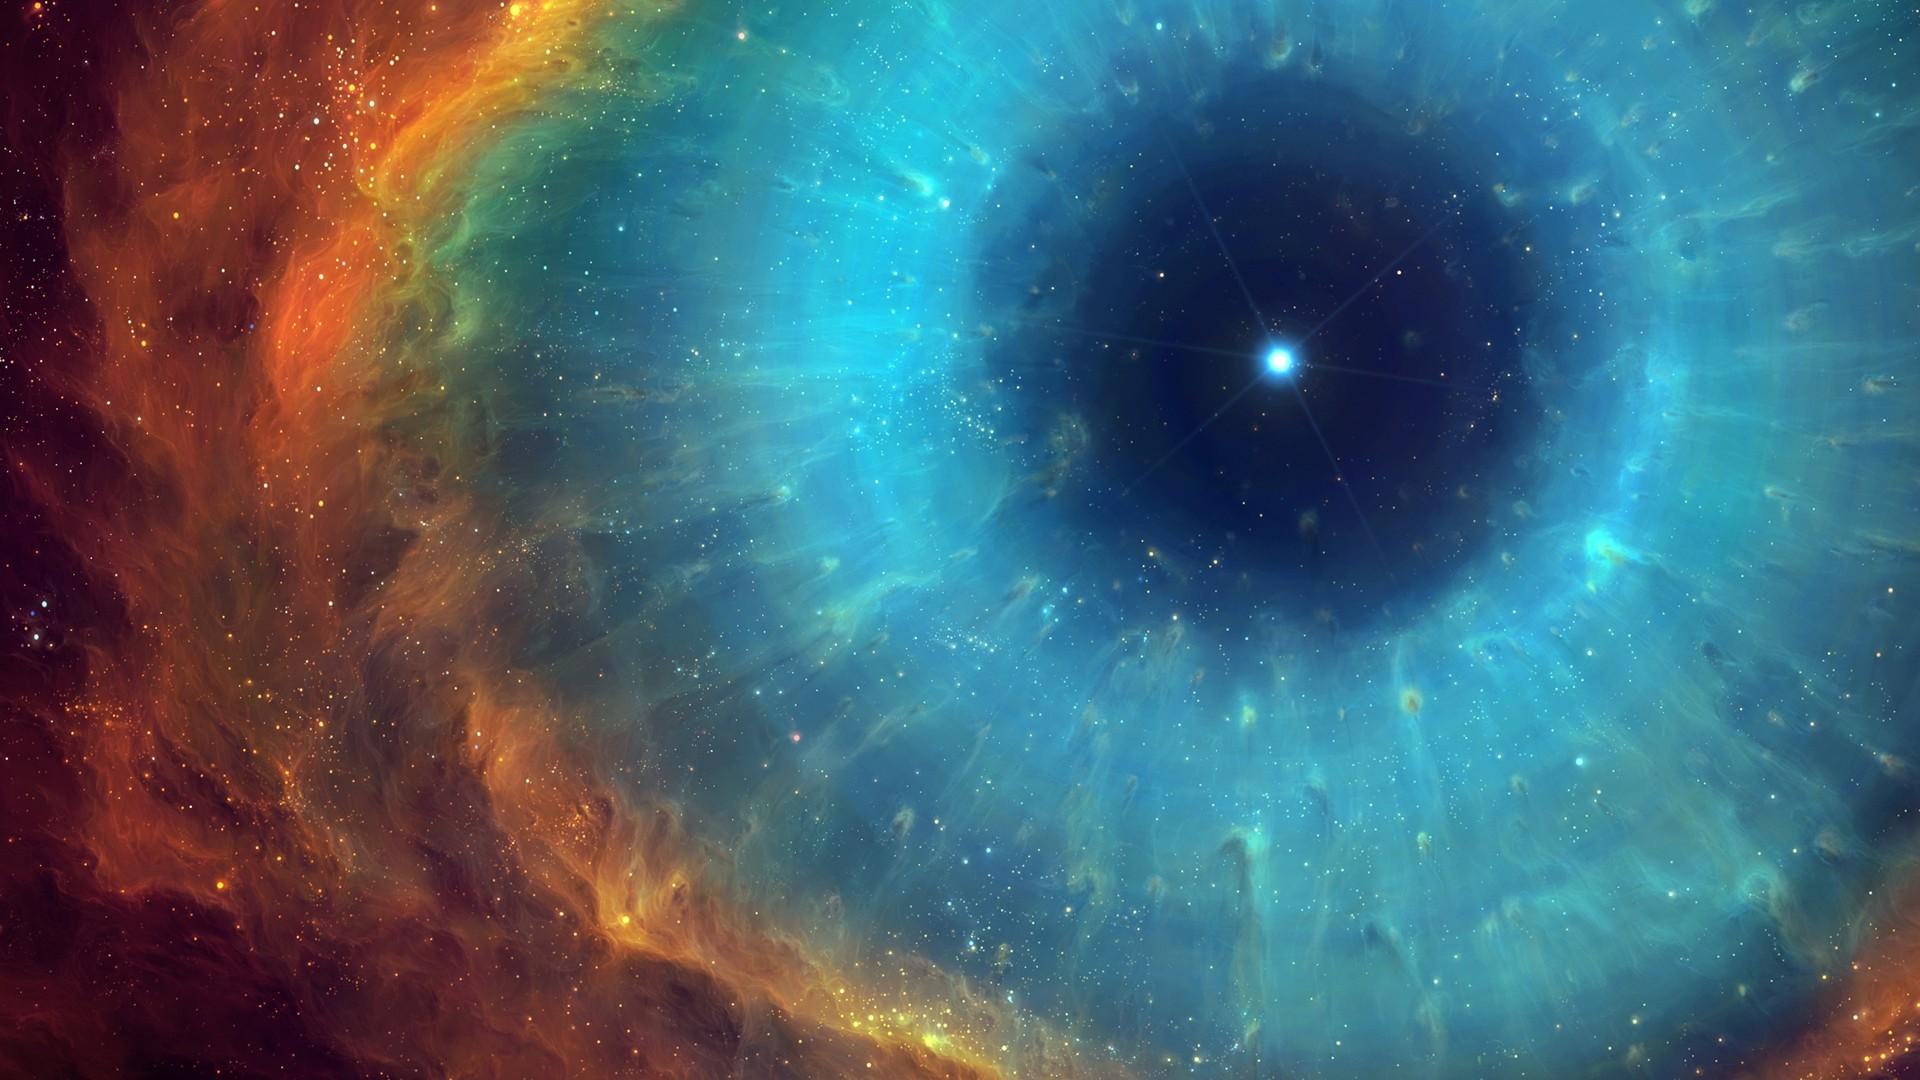 Wallpaper art, space, nebula, star, energy